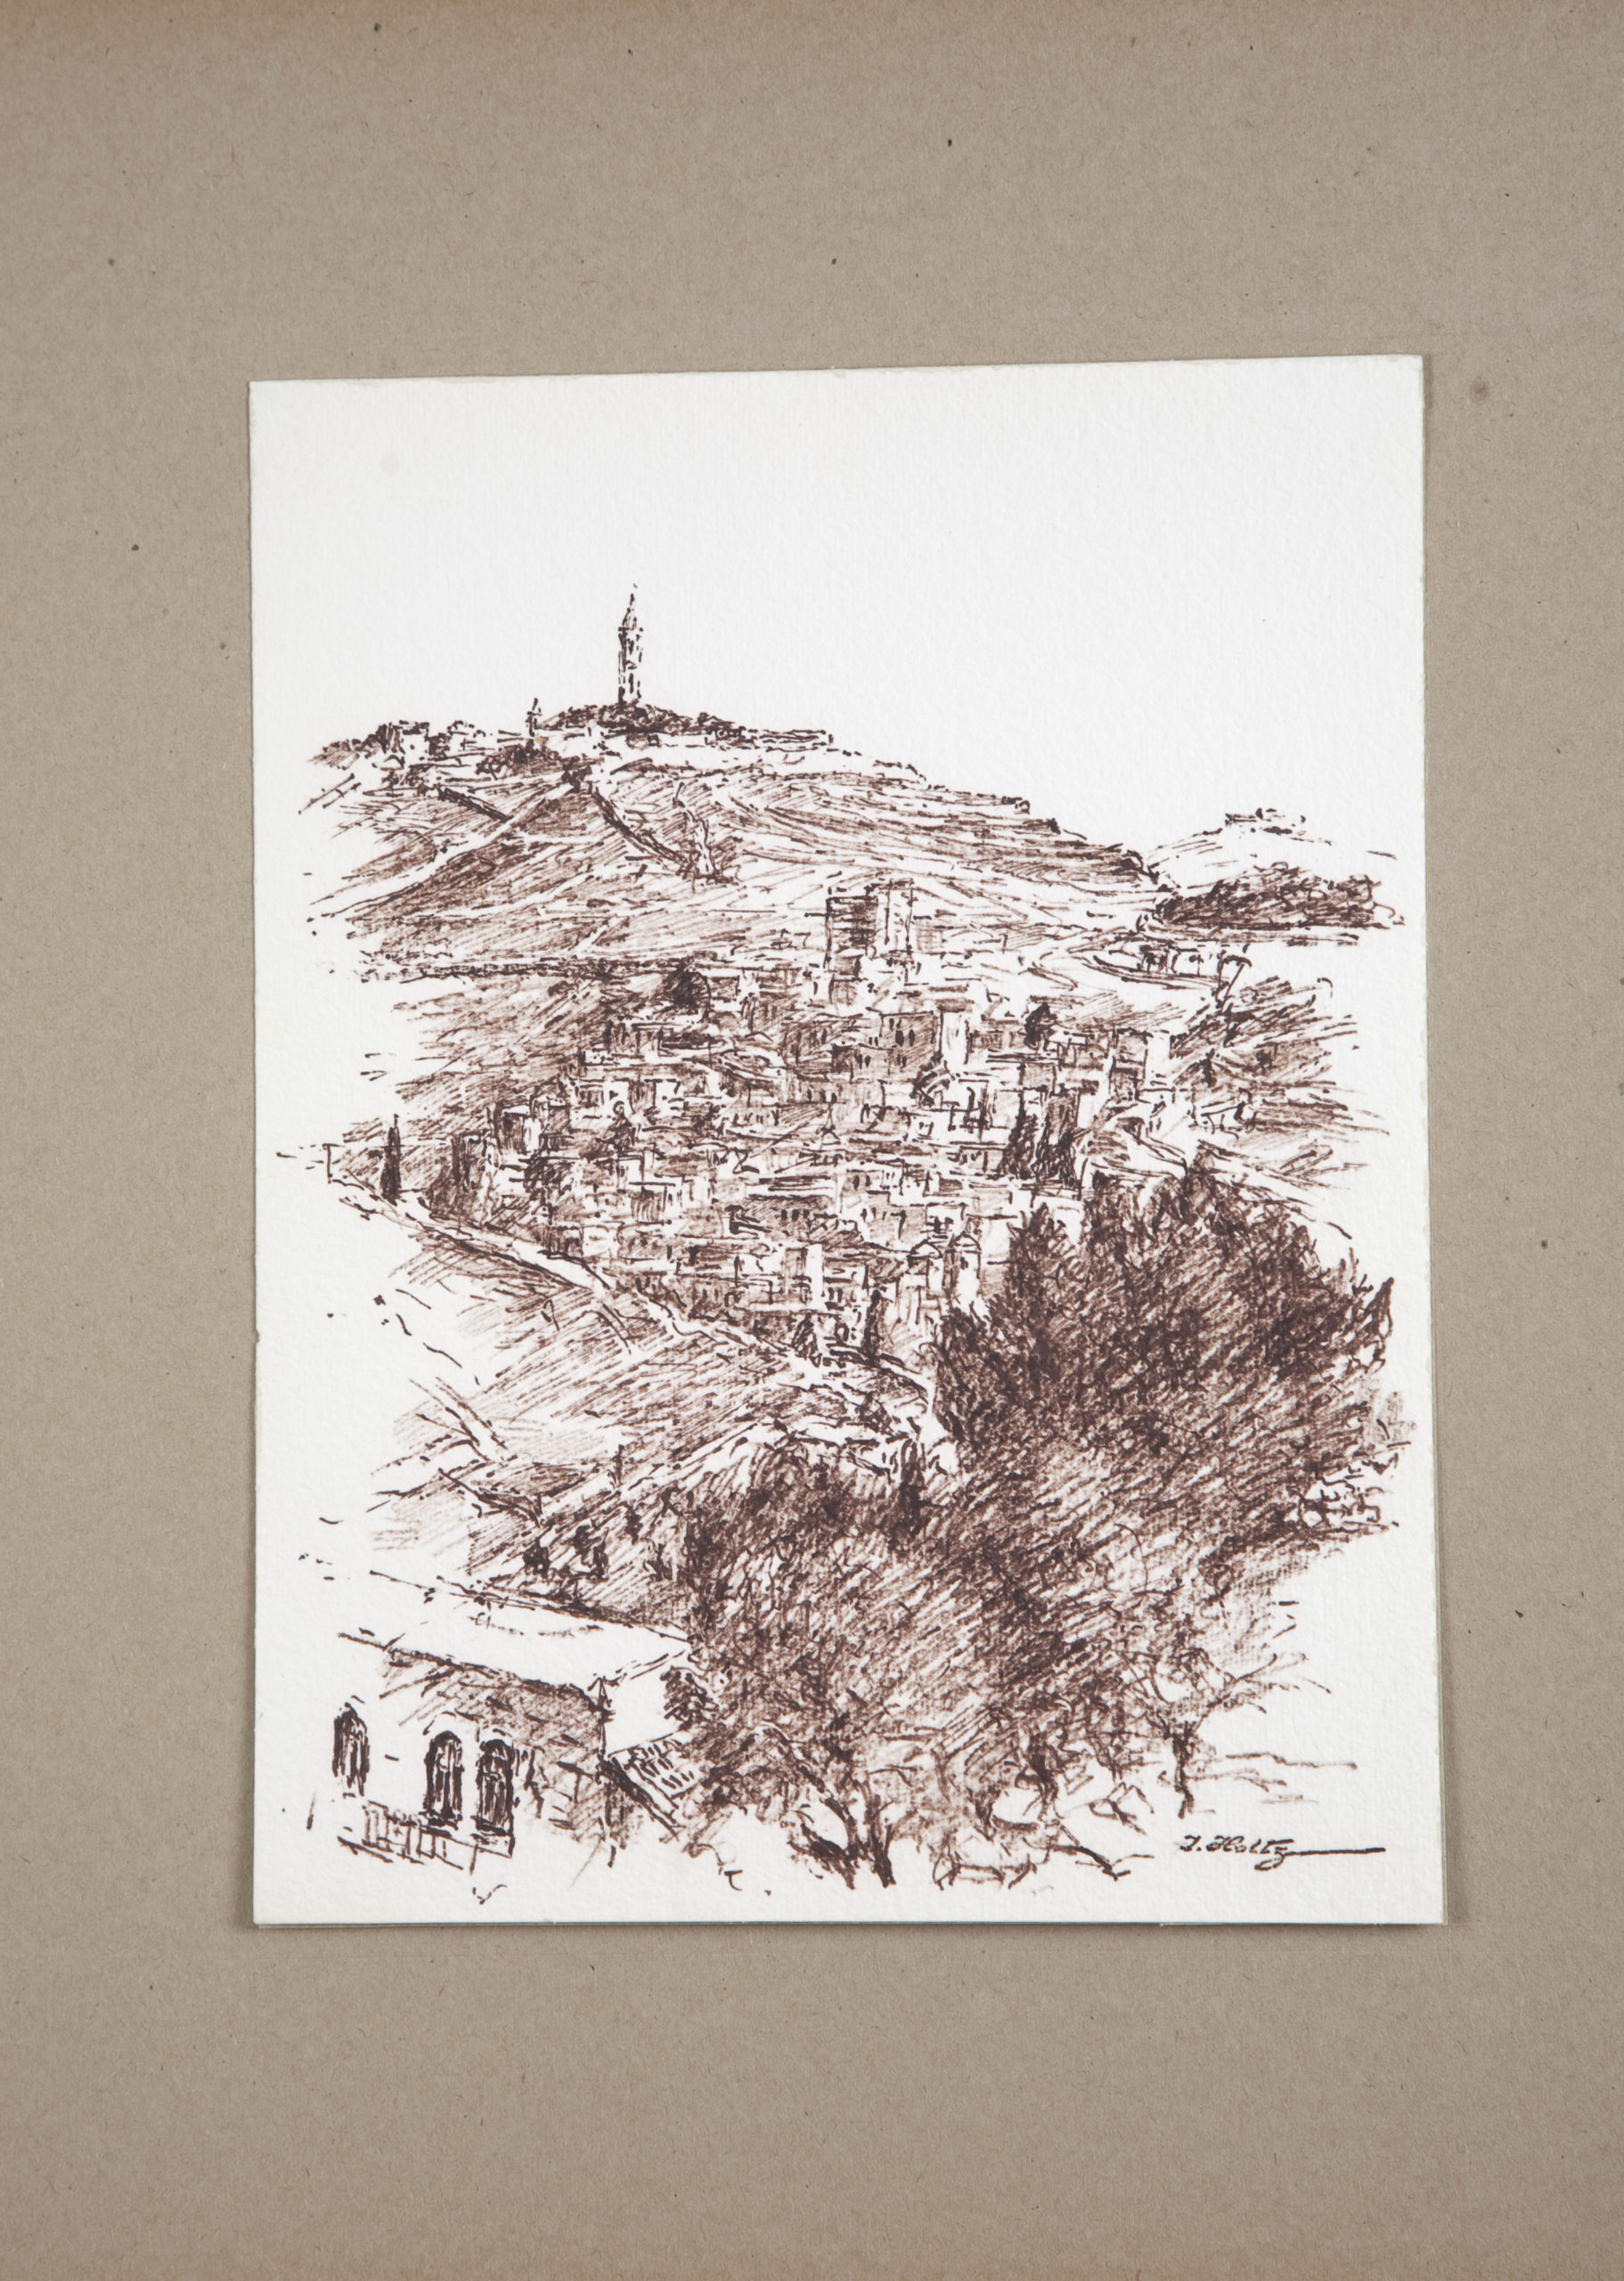 D64 Road to Jerusalem - Brown Marker - 8.75 x 10.75 - Matt: 15 x 18 - No Frame